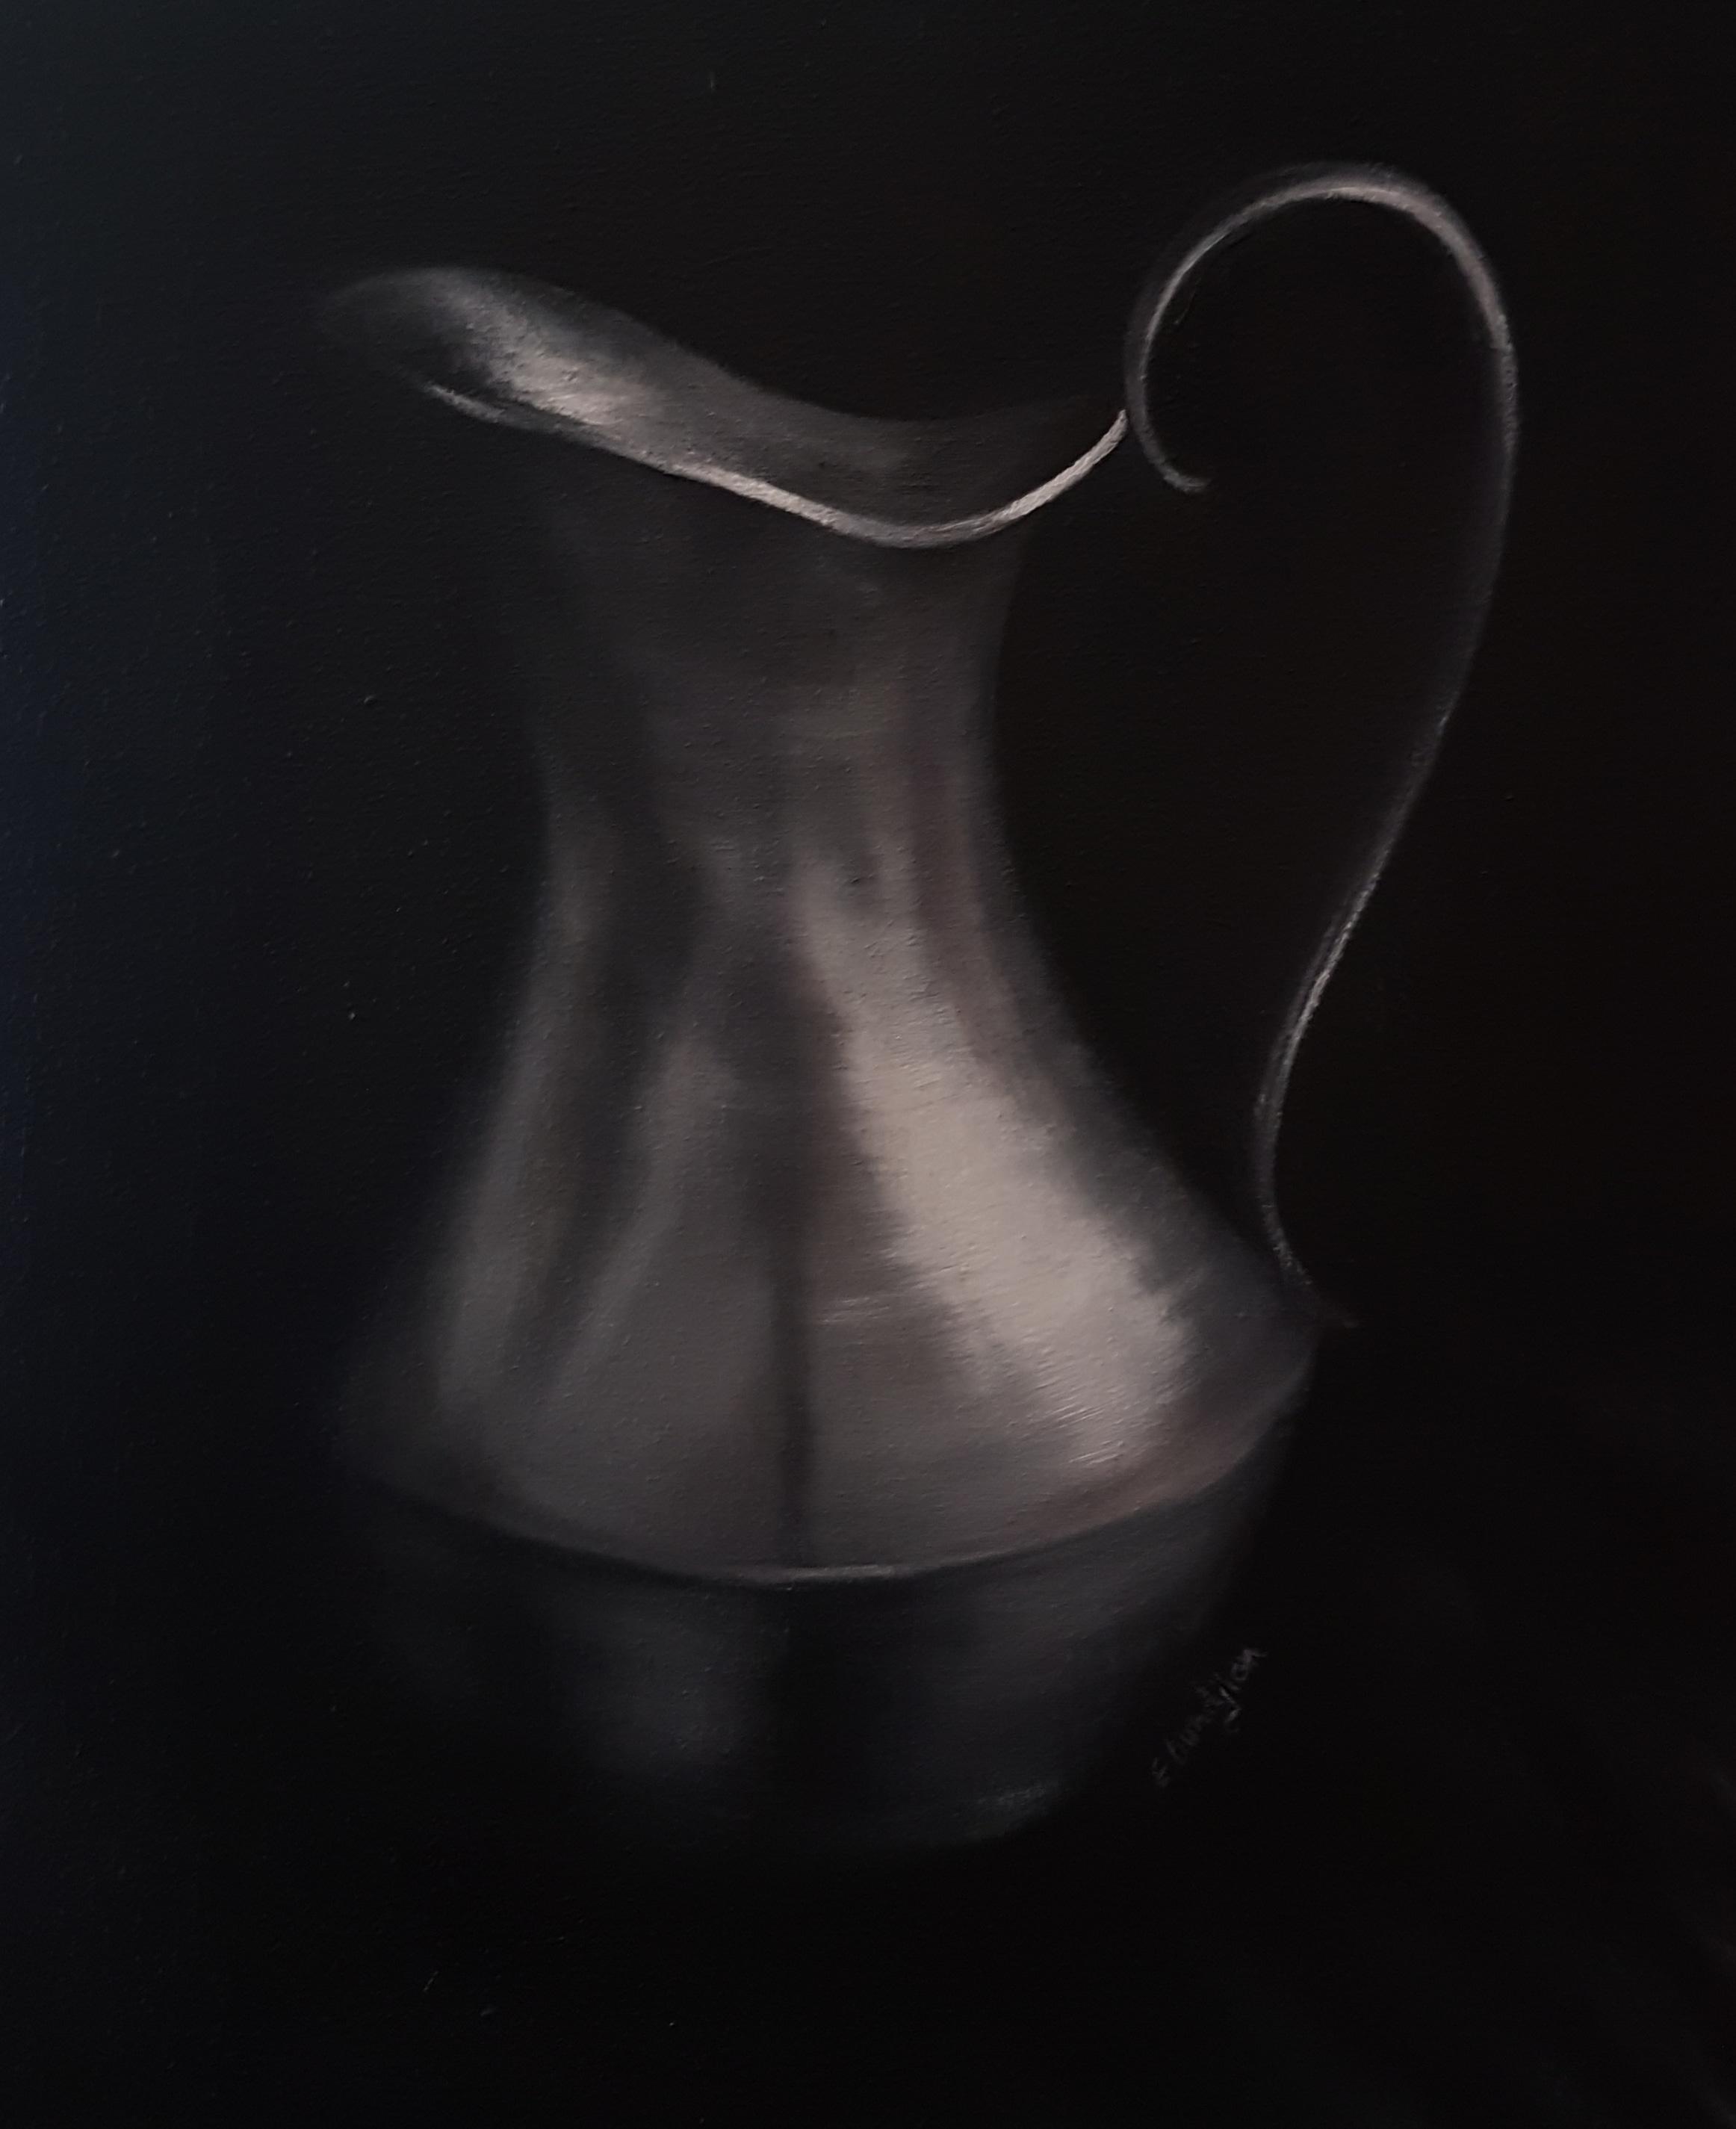 Jarra de agua antigua (2018) - Elena Oundjian